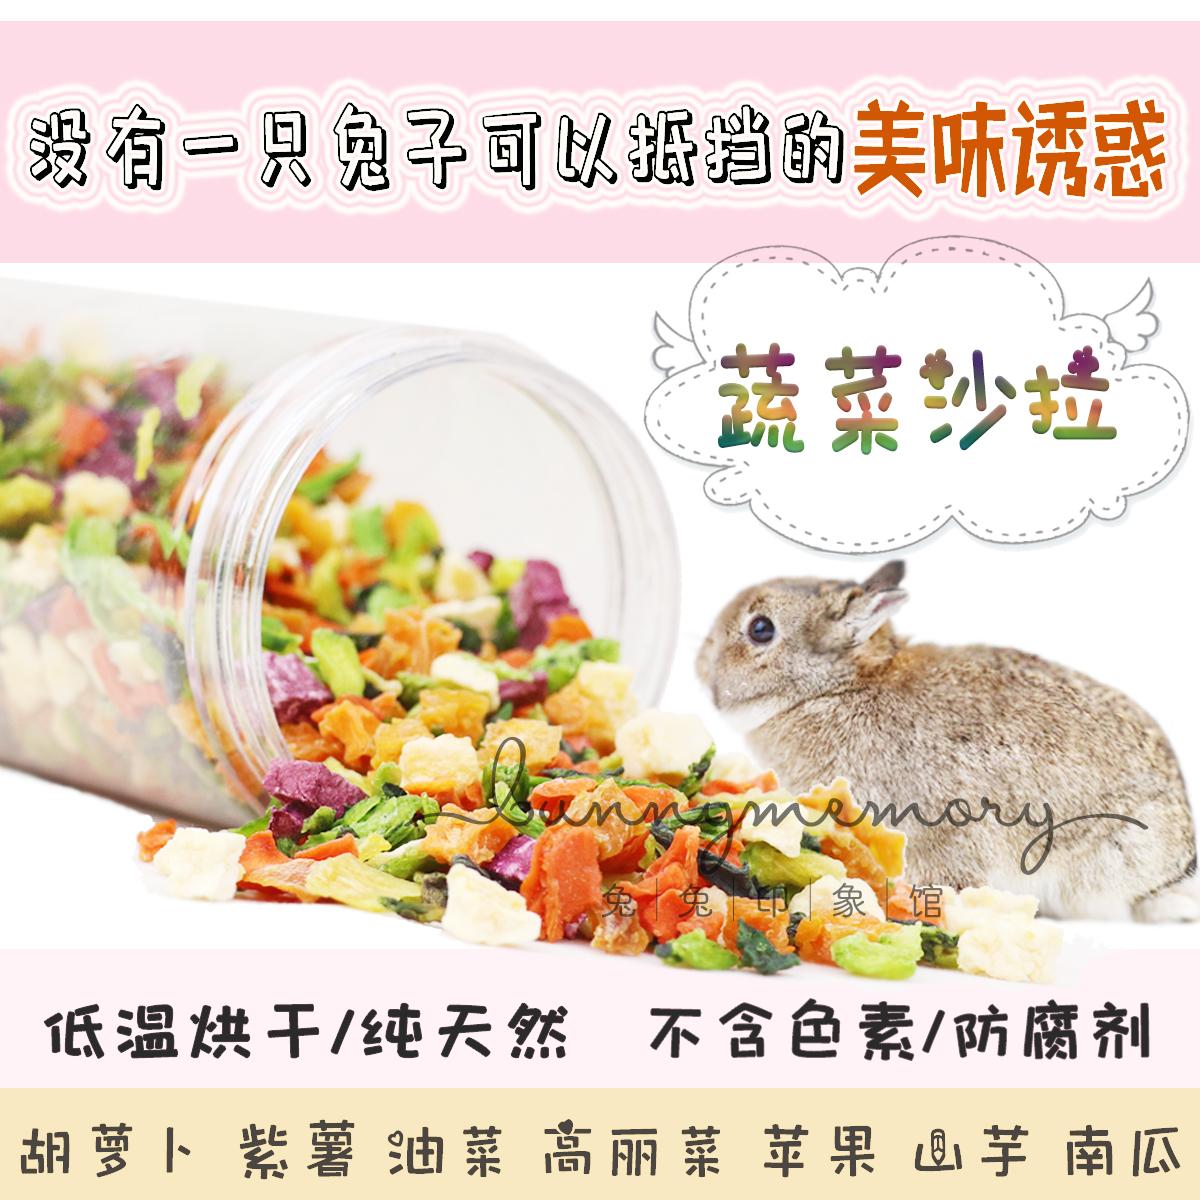 Кролик шлифовальные зубы высушить овощи мелких животных закуски дикий салат хрустящий кролик кролик хомяк dragoncat морской свинки консервированные